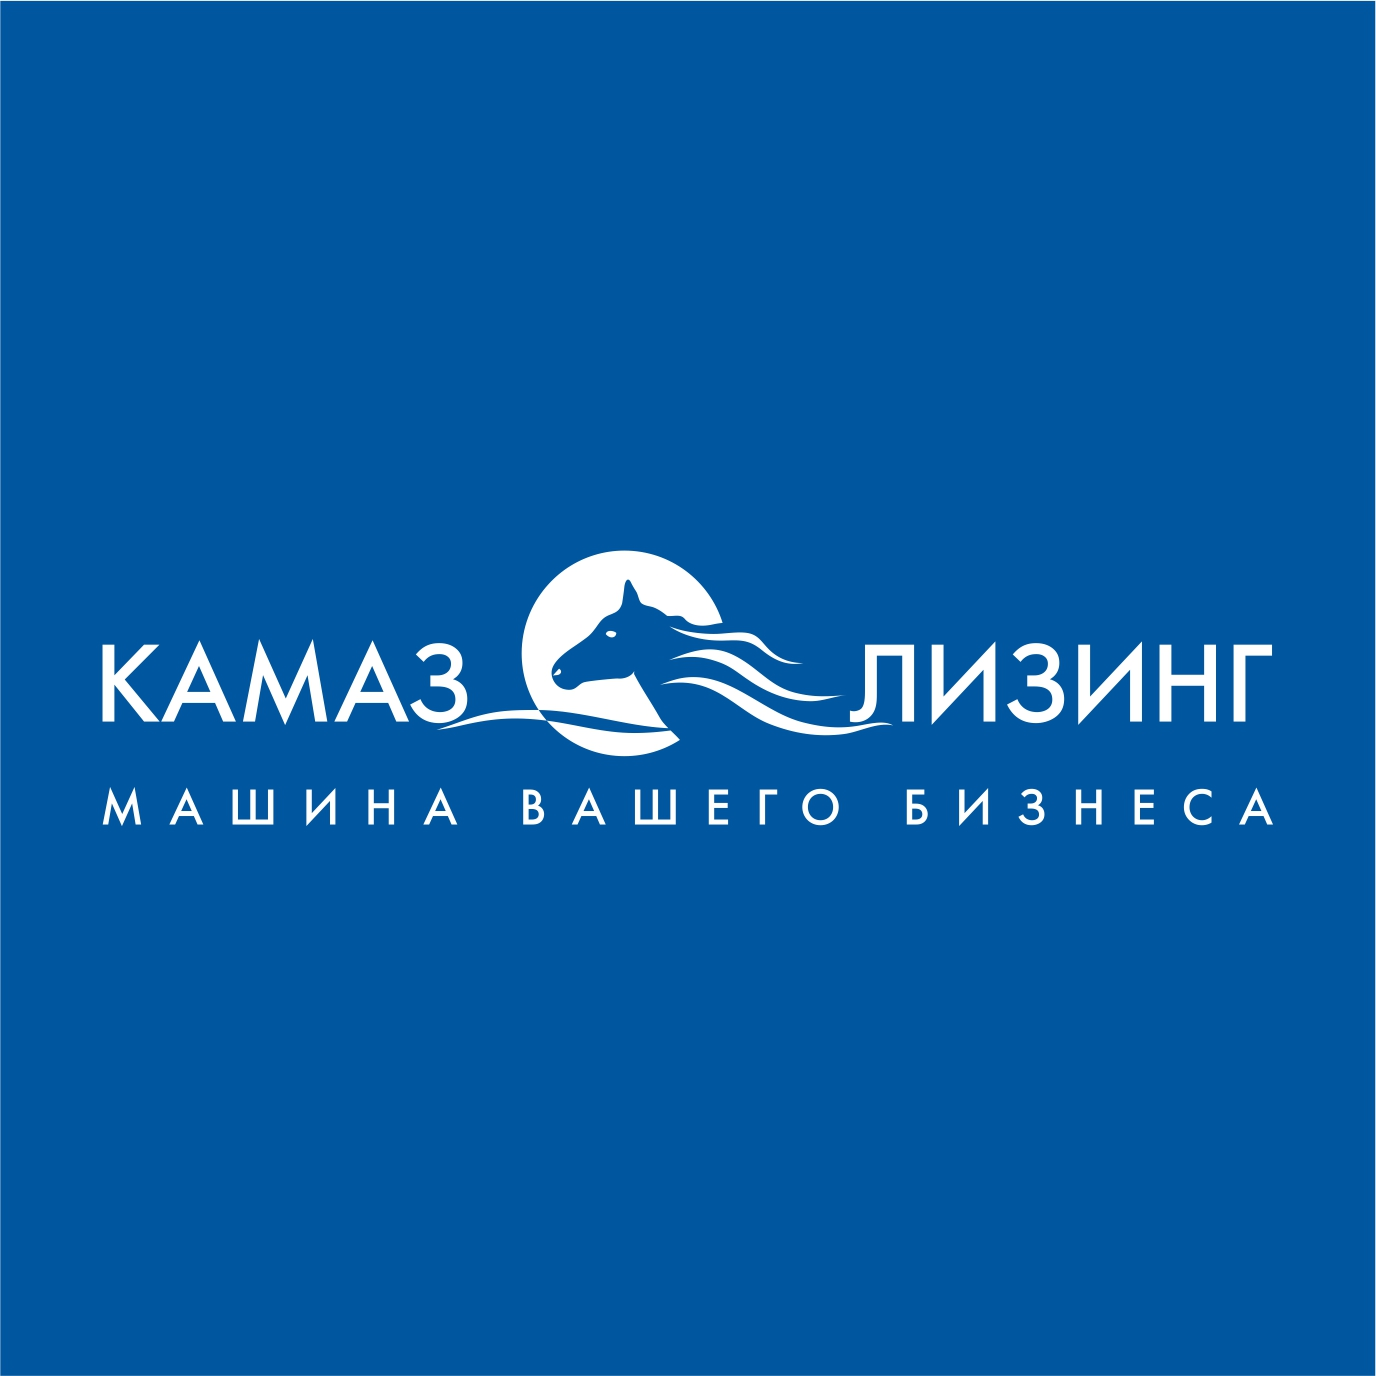 КАМАЗ-5490 NEO для партнёра из северной столицы